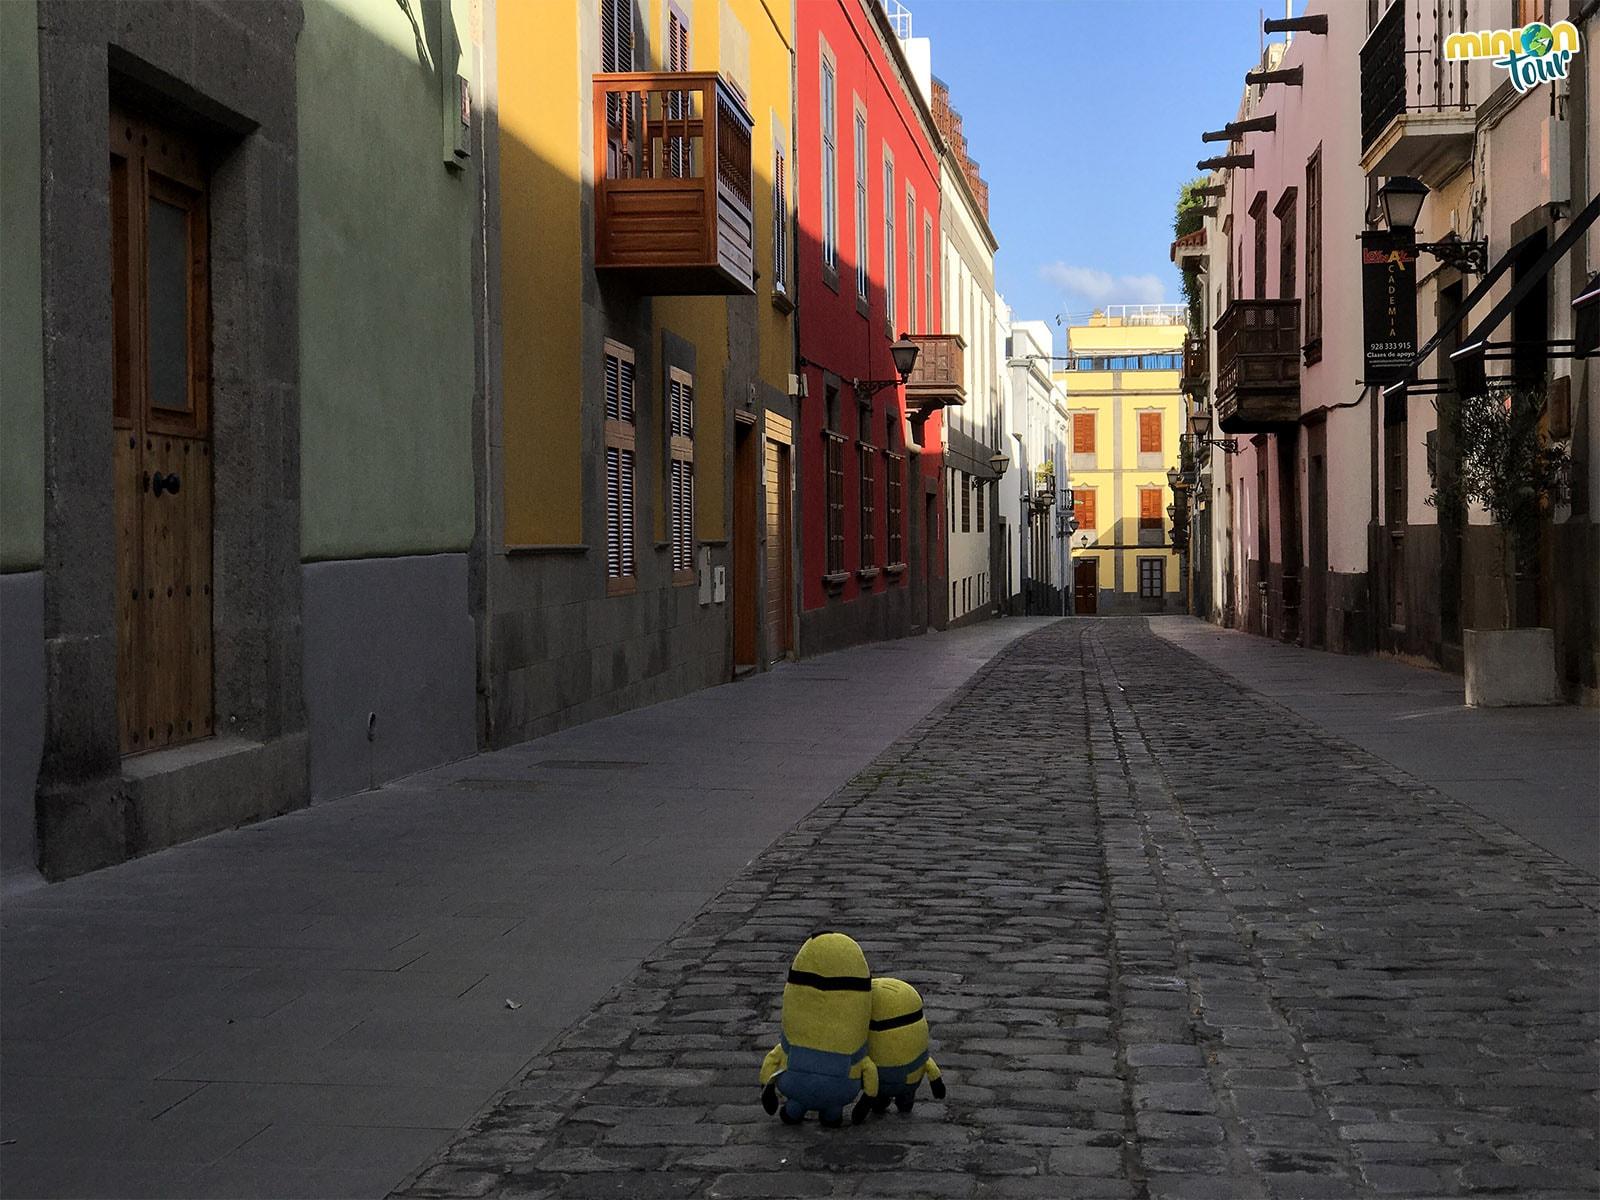 Calle del Barrio de Vegueta